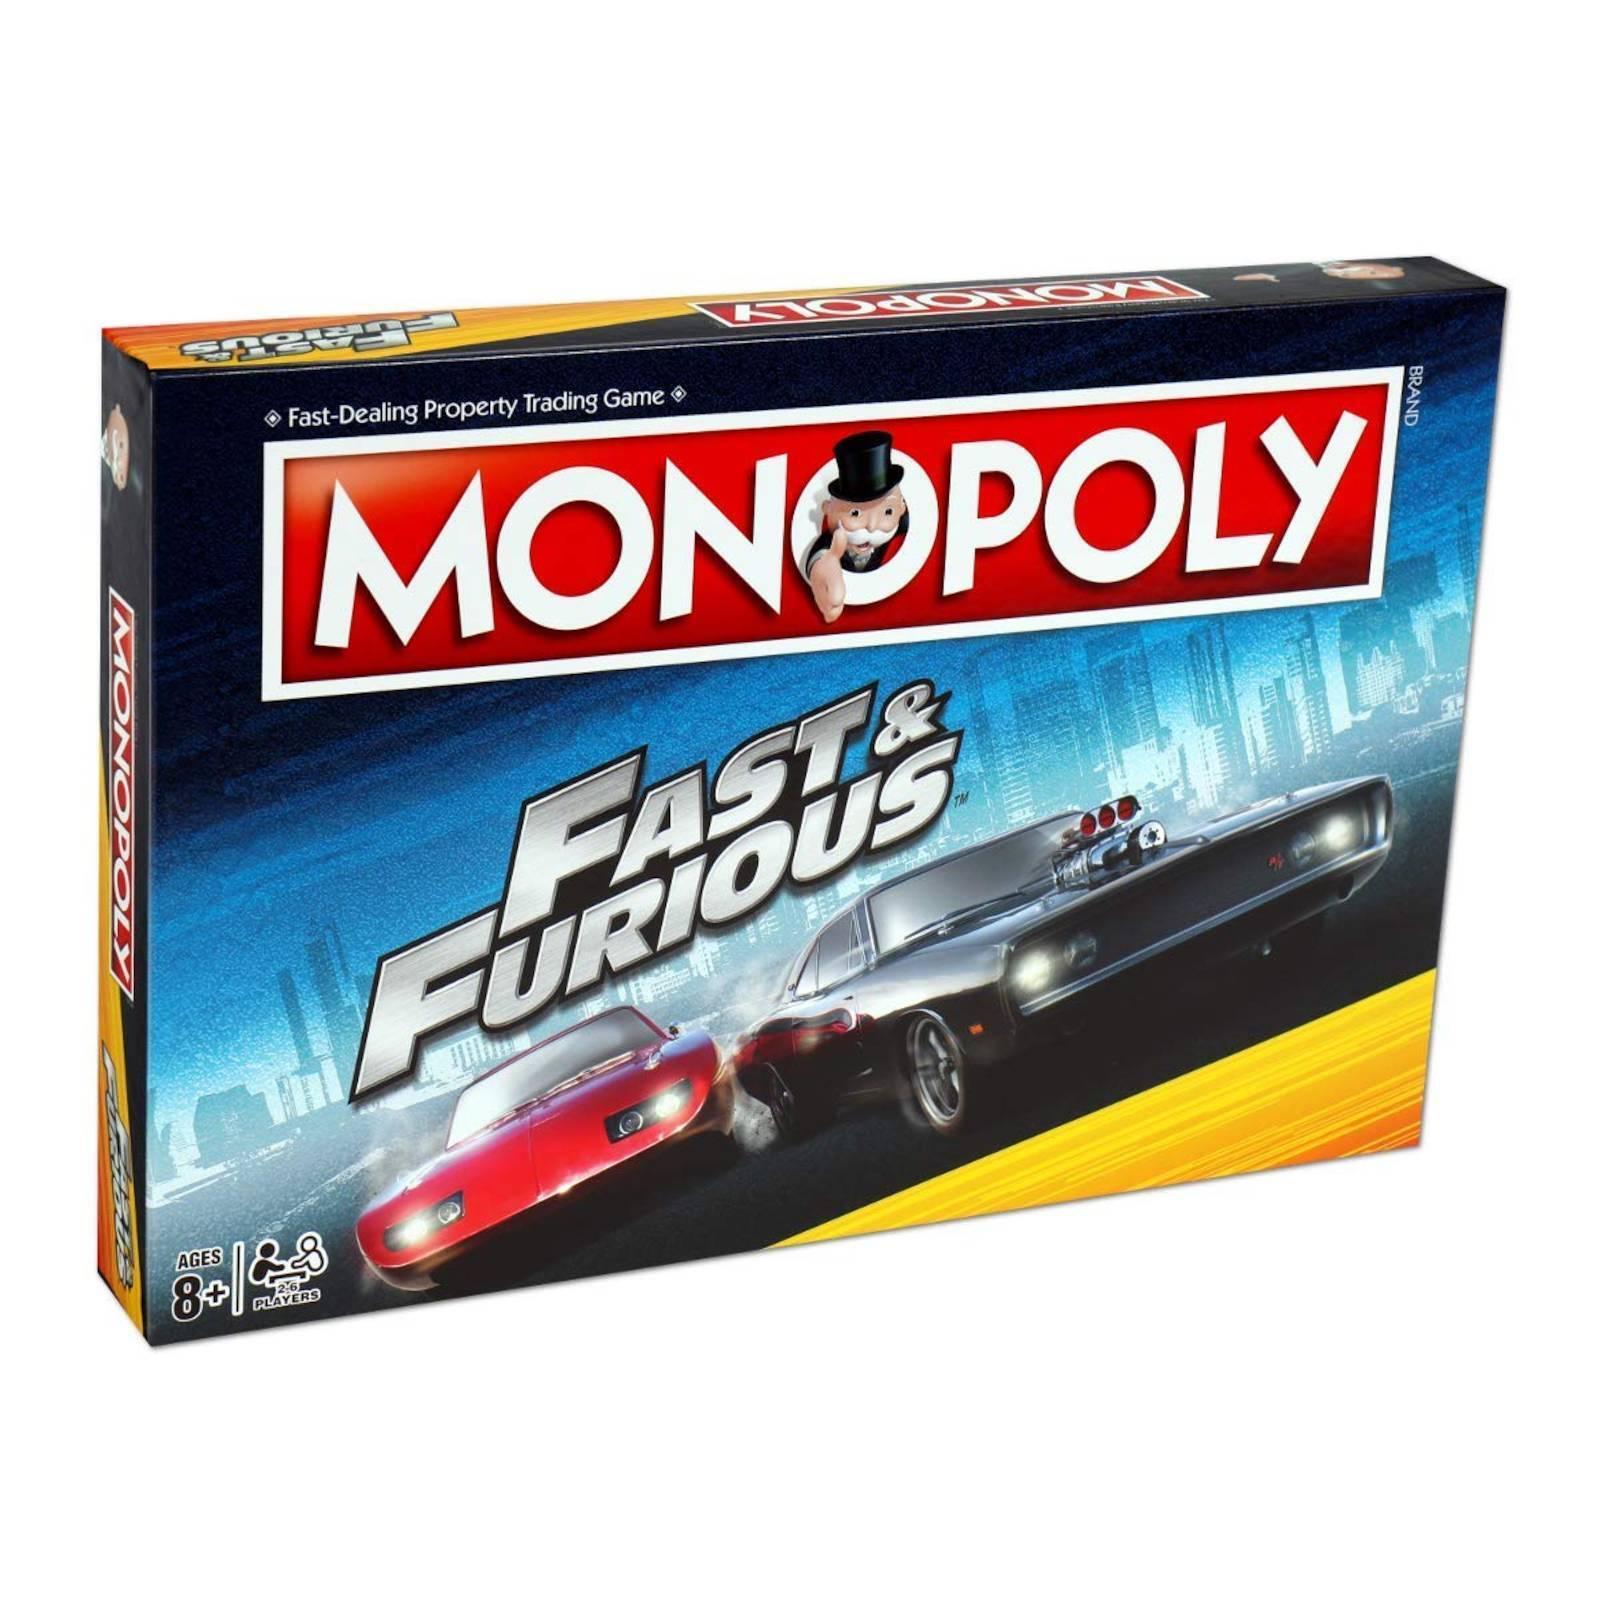 increíbles descuentos Monopoly Fast & Furious Edición Juego de Mesa Mesa Mesa el Afamado Coche Racing Película Ser  el mas reciente